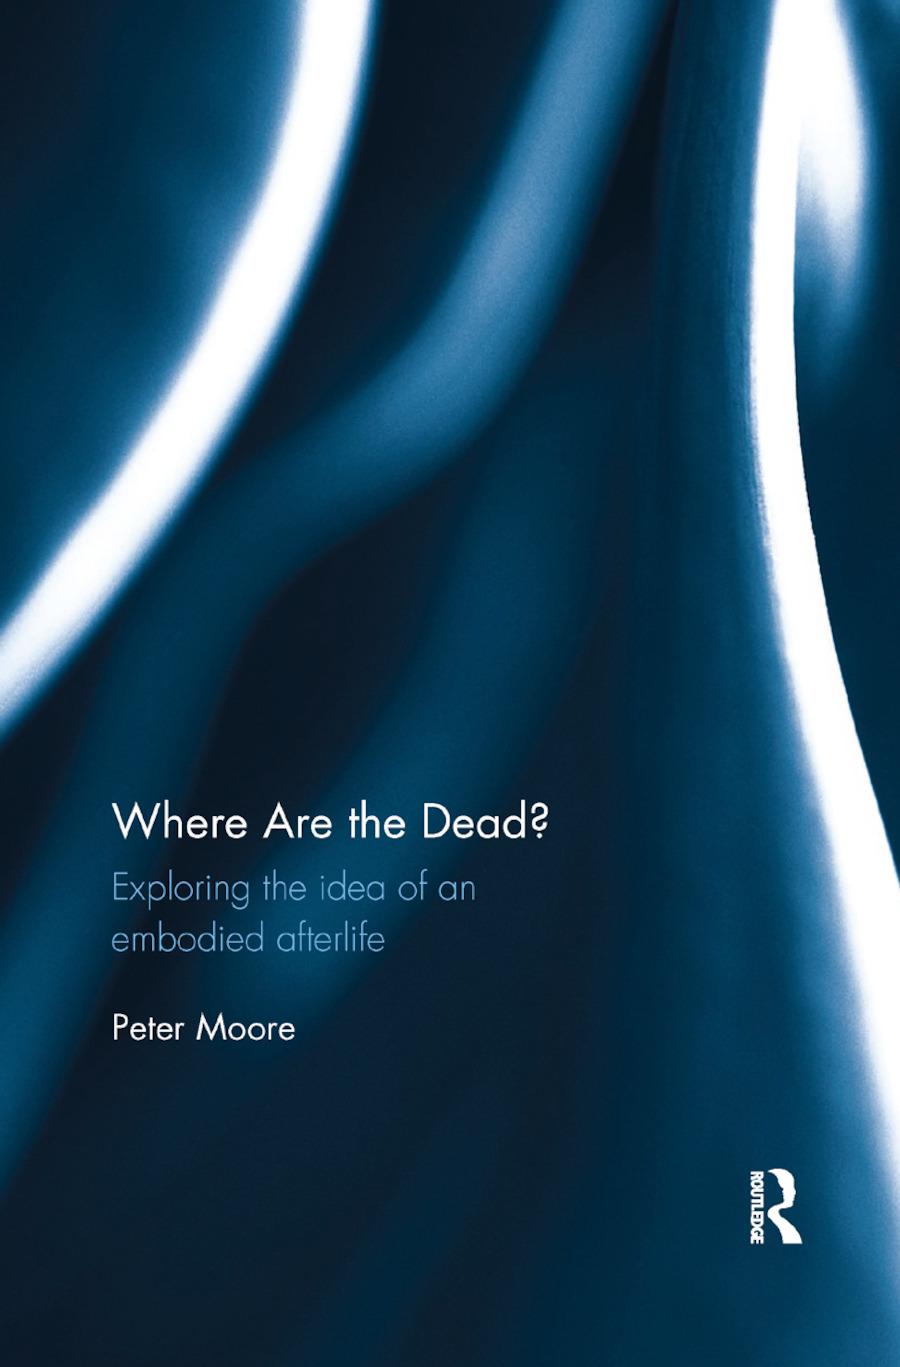 Where are the Dead?